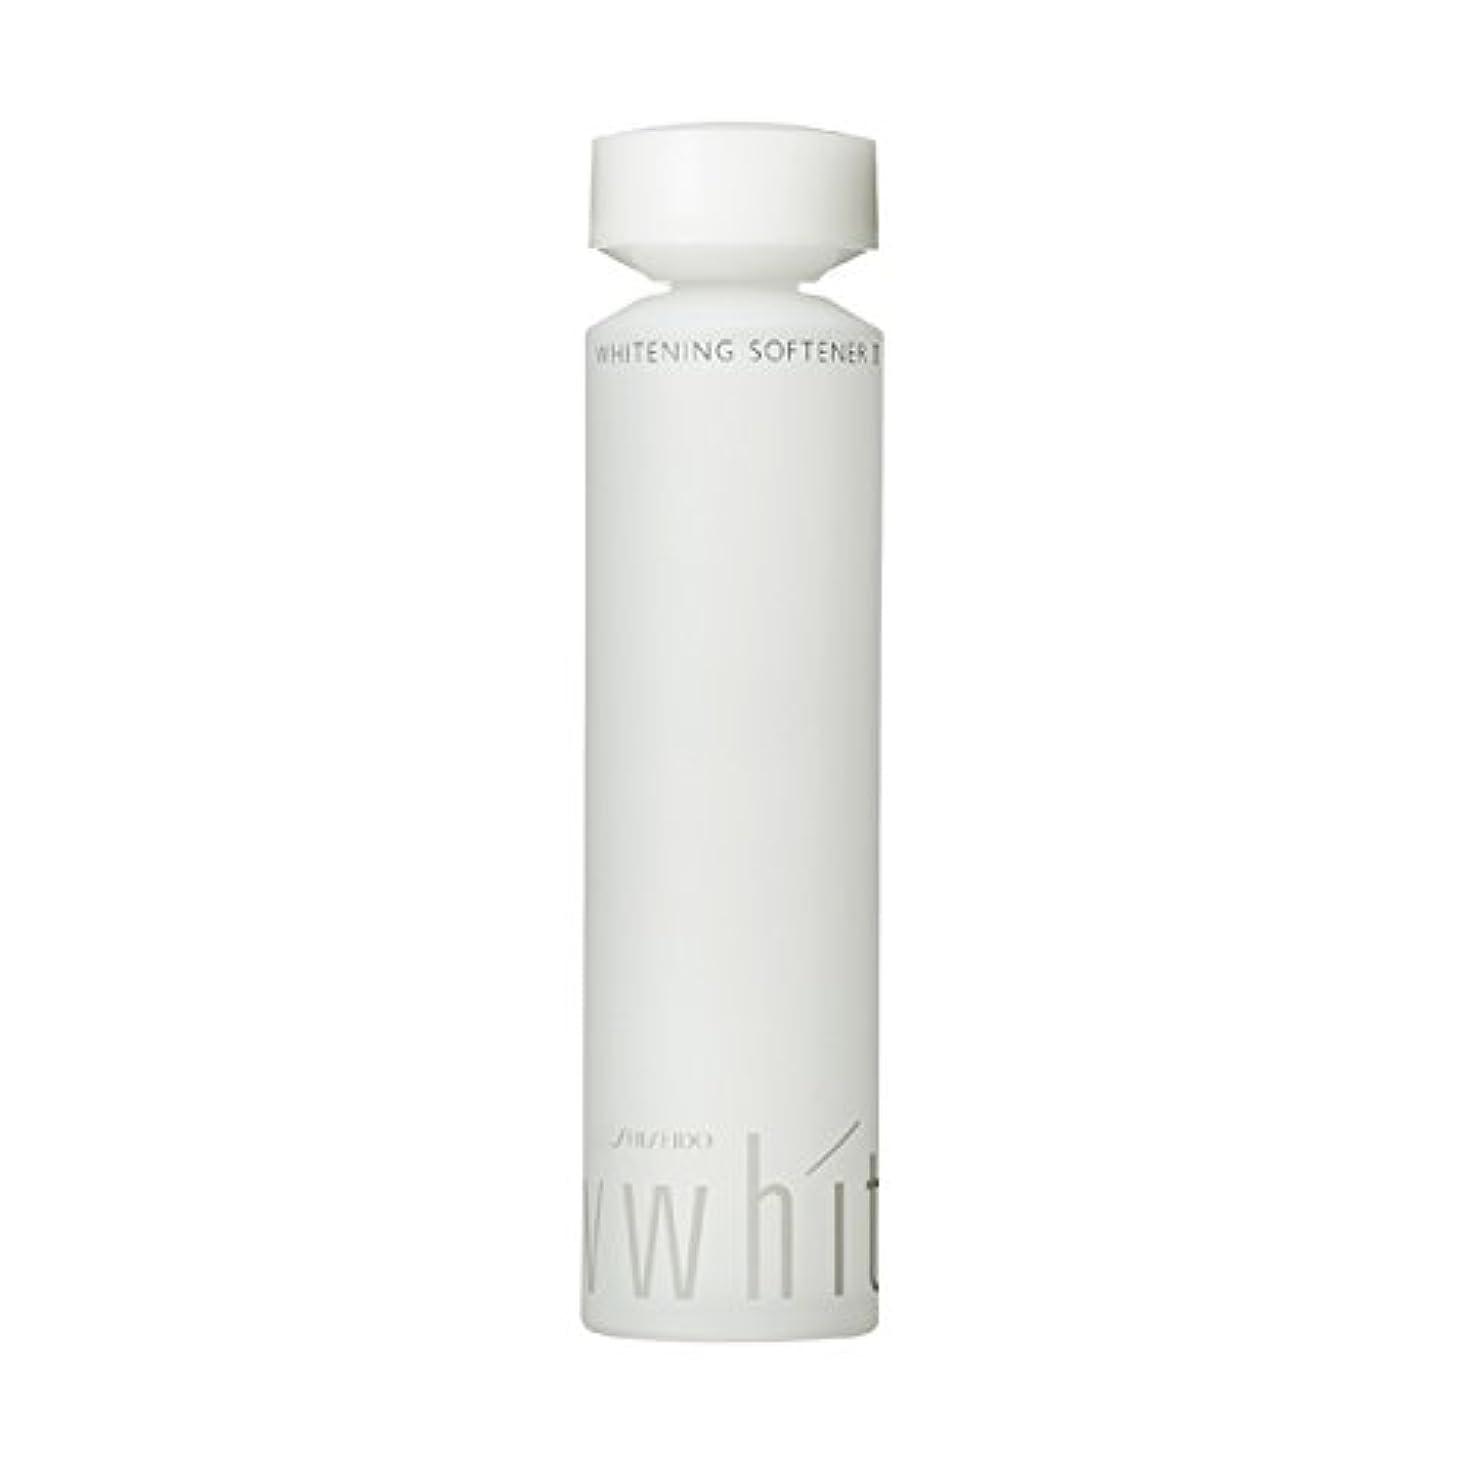 問い合わせる満たす虐殺UVホワイト ホワイトニング ソフナー 2 150mL [医薬部外品]